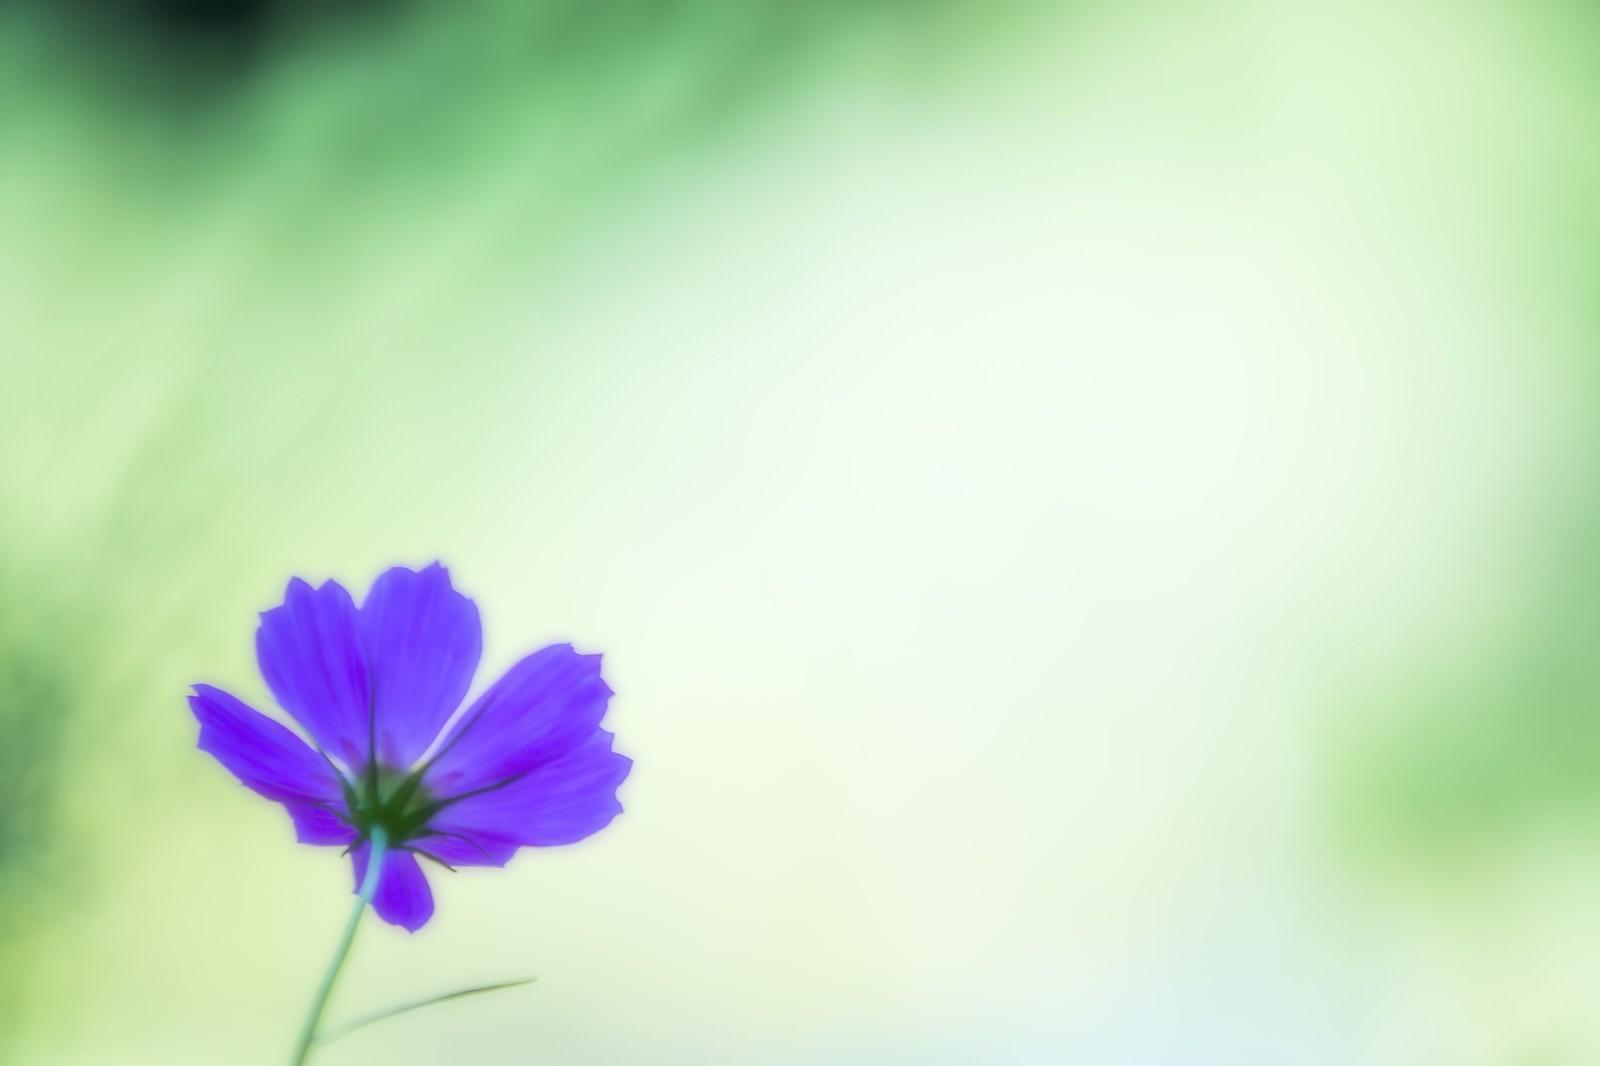 「紫色のコスモス」の写真